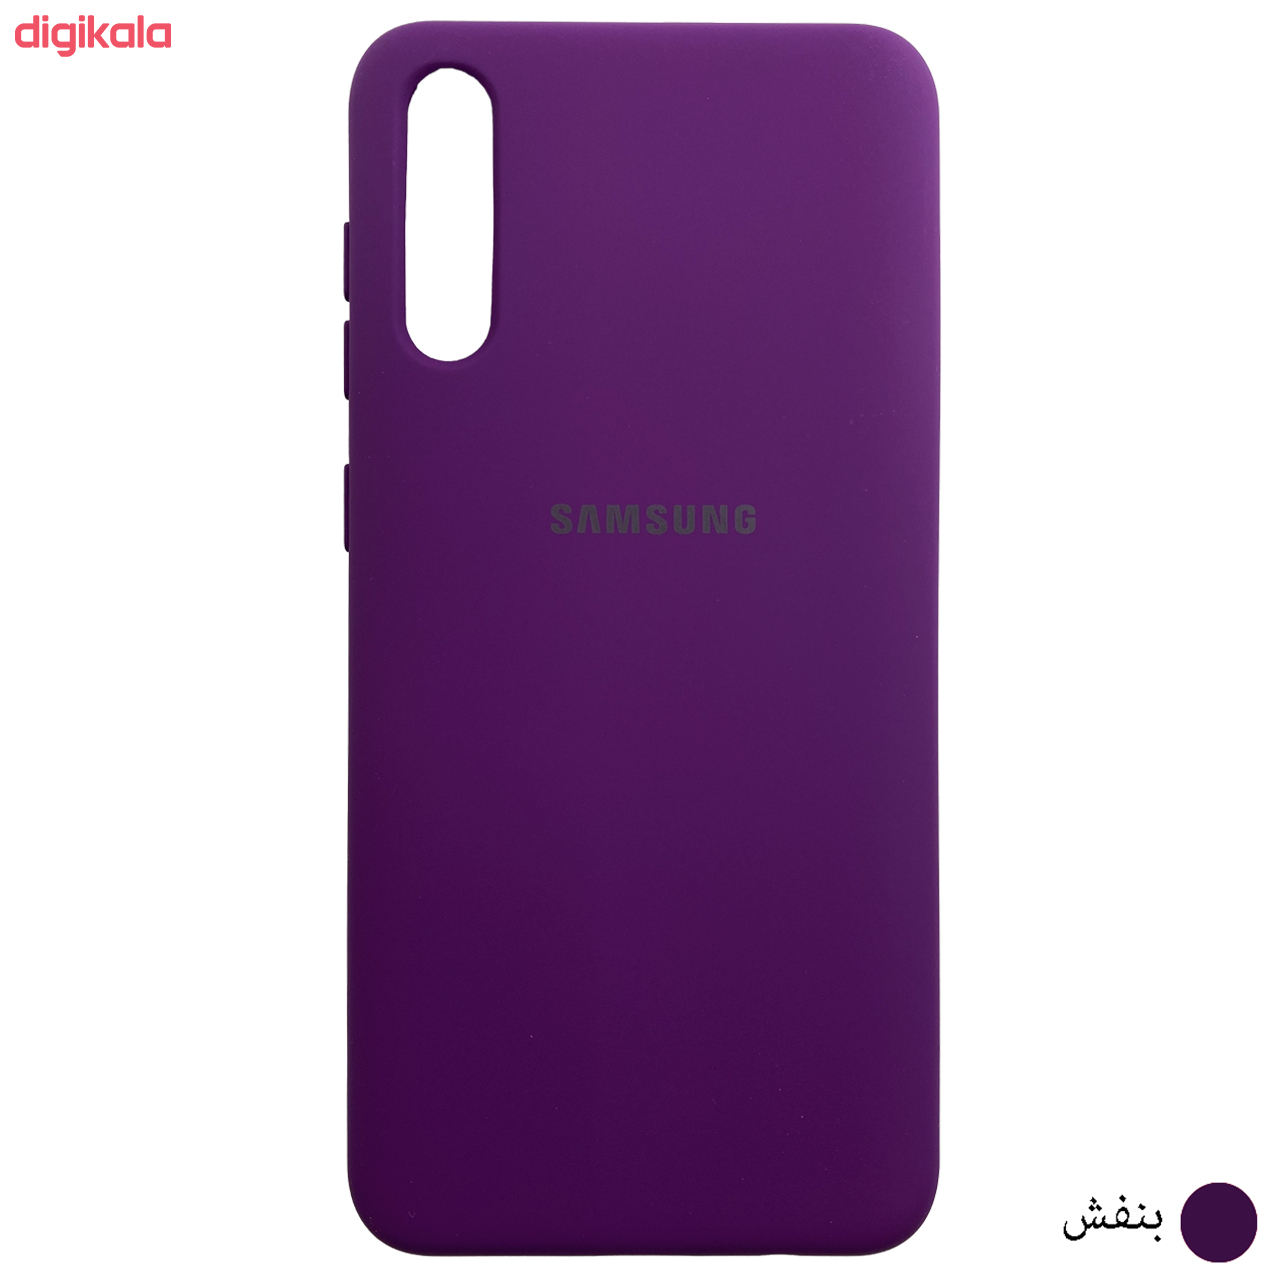 کاور مدل SCN مناسب برای گوشی موبایل سامسونگ Galaxy A50 / A50s / A30s main 1 9